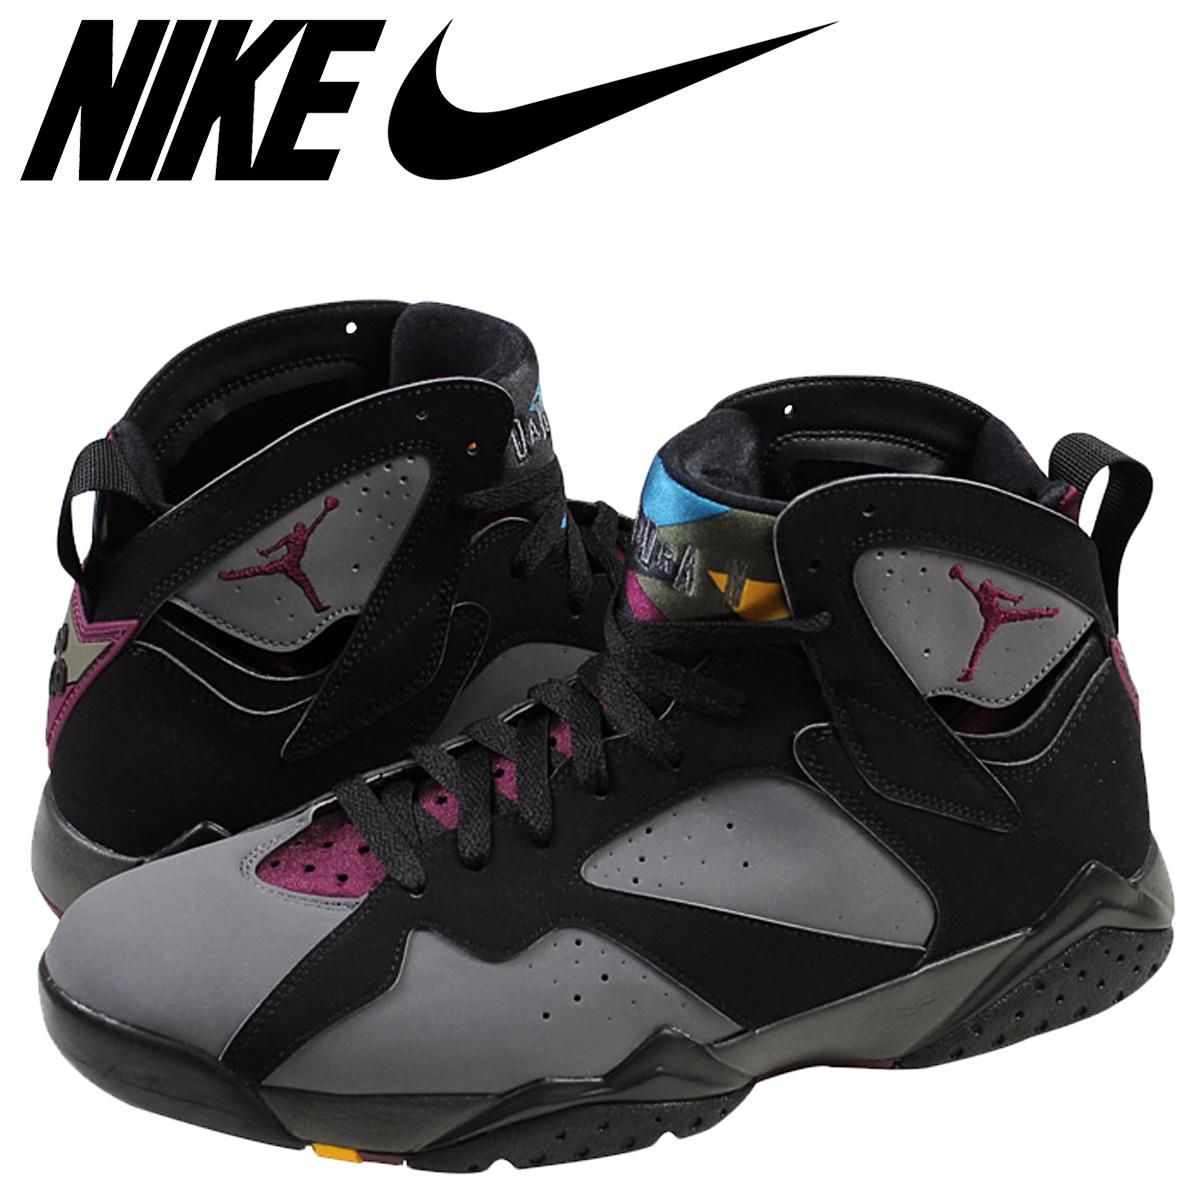 huge discount 52ce0 01db6 NIKE Nike Air Jordan sneakers AIR JORDAN 7 RETRO BORDEAUX Air Jordan 7  retro Bordeaux 304775-034 black mens